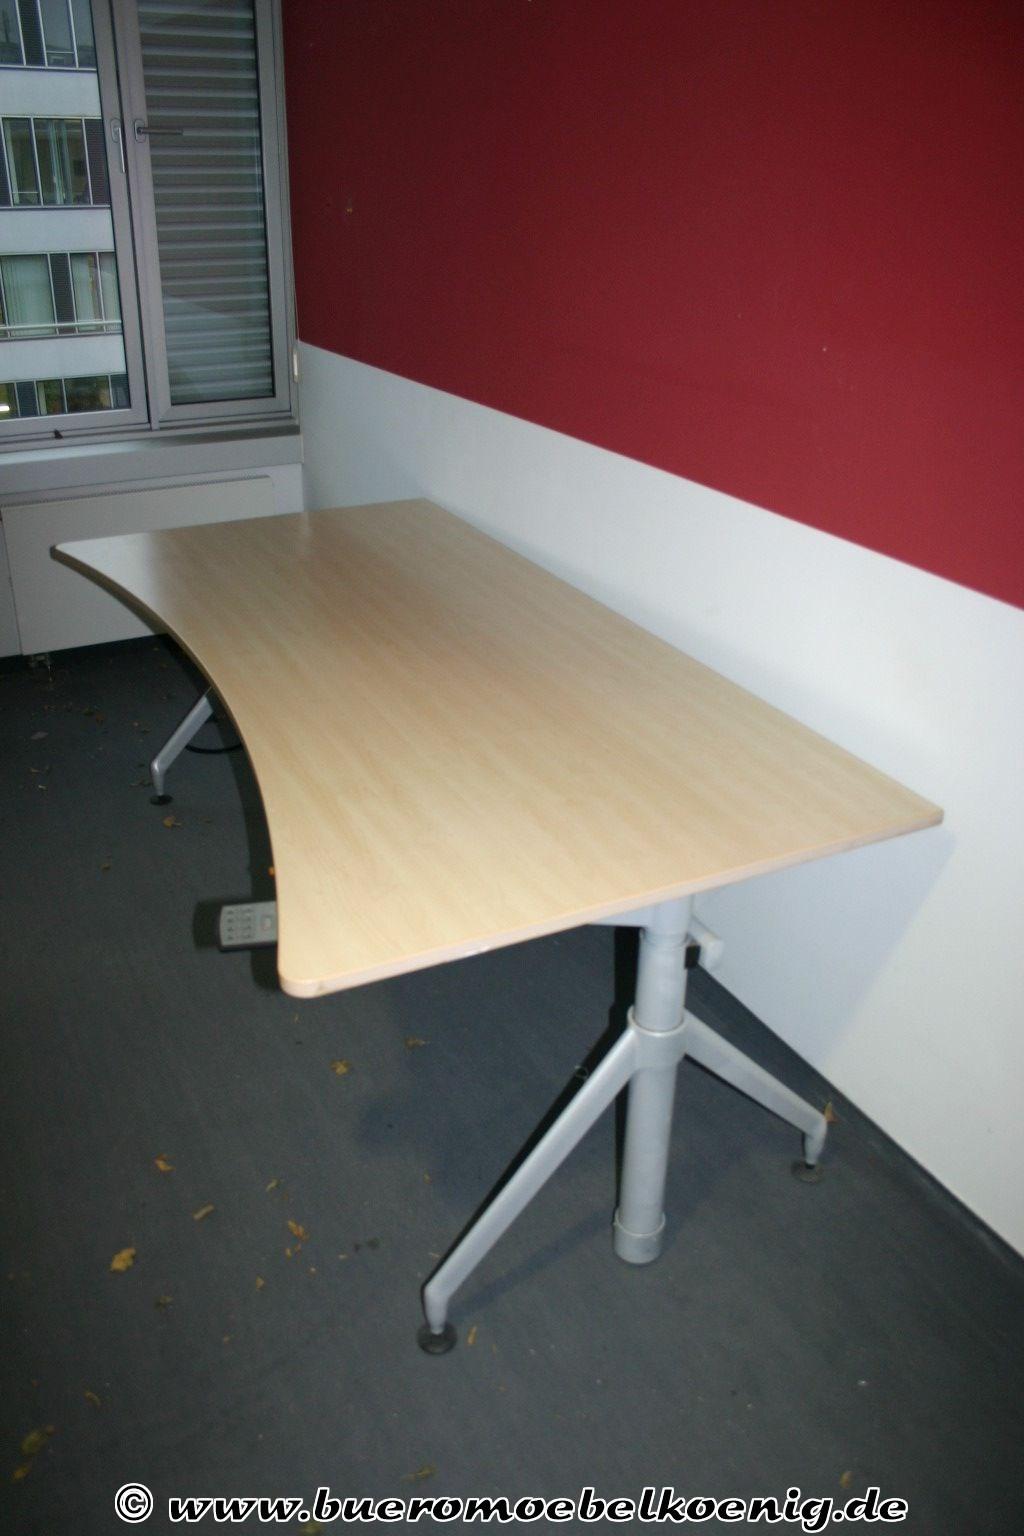 Höhenverstellbarer Schreibtisch Elektrisch  Elektrisch höhenverstellbarer Schreibtisch von Werndl in Ahorn